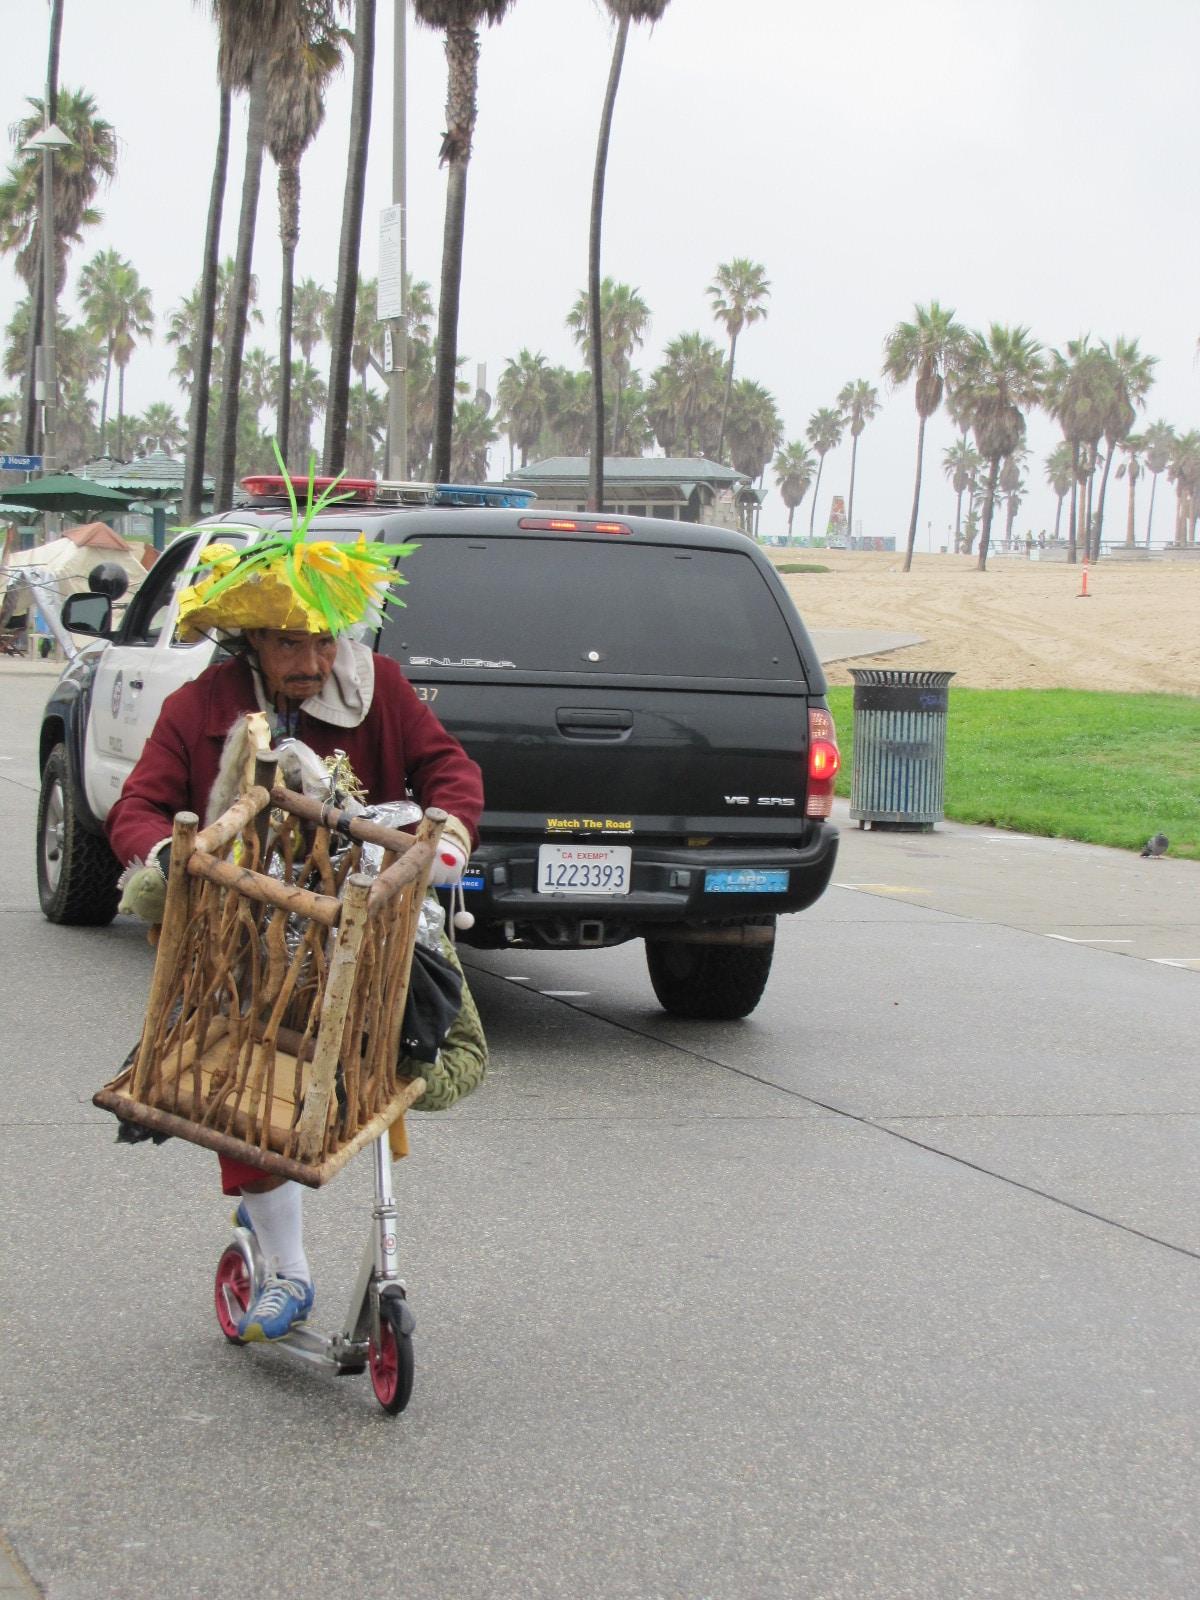 Personnalité locale de venice beach